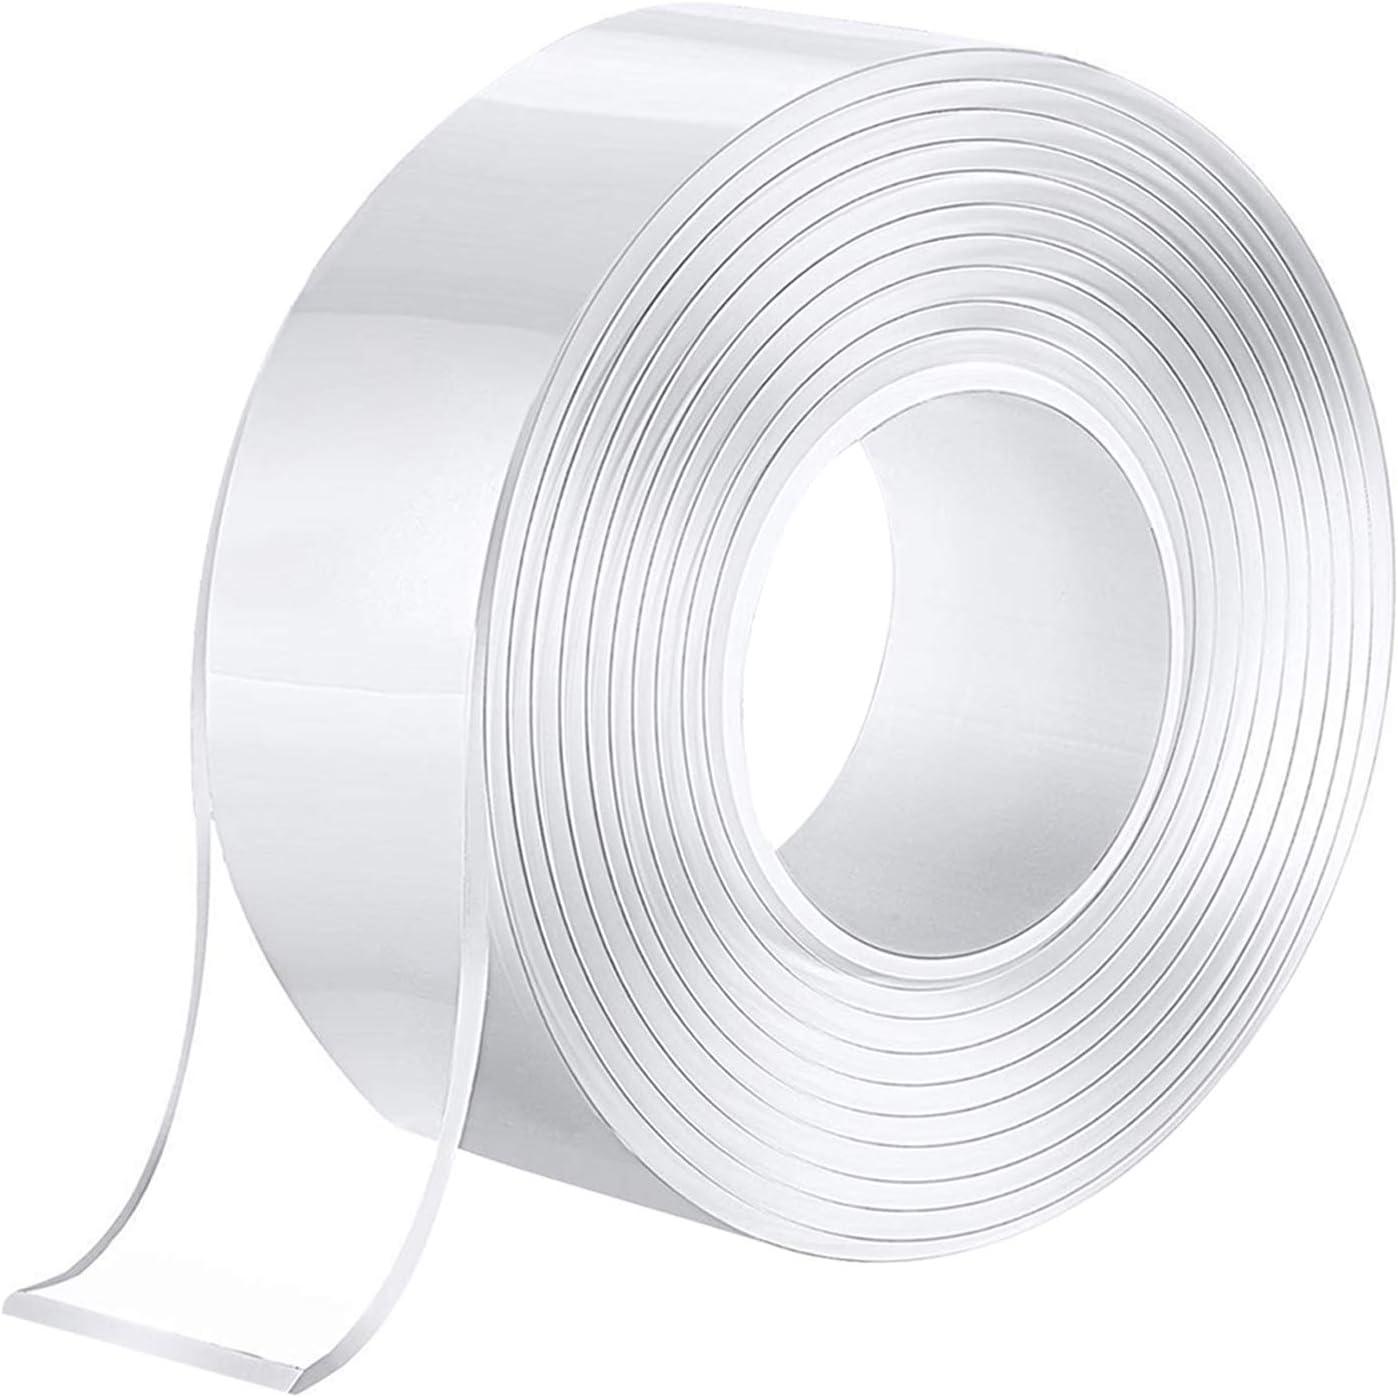 5m aovowog Ruban adh/ésif double face 16.4ft transparent lavable R/éutilisable Antid/érapante Multifonctionnelle Nano Clear Tape pour Maison Photo de mur de tapis